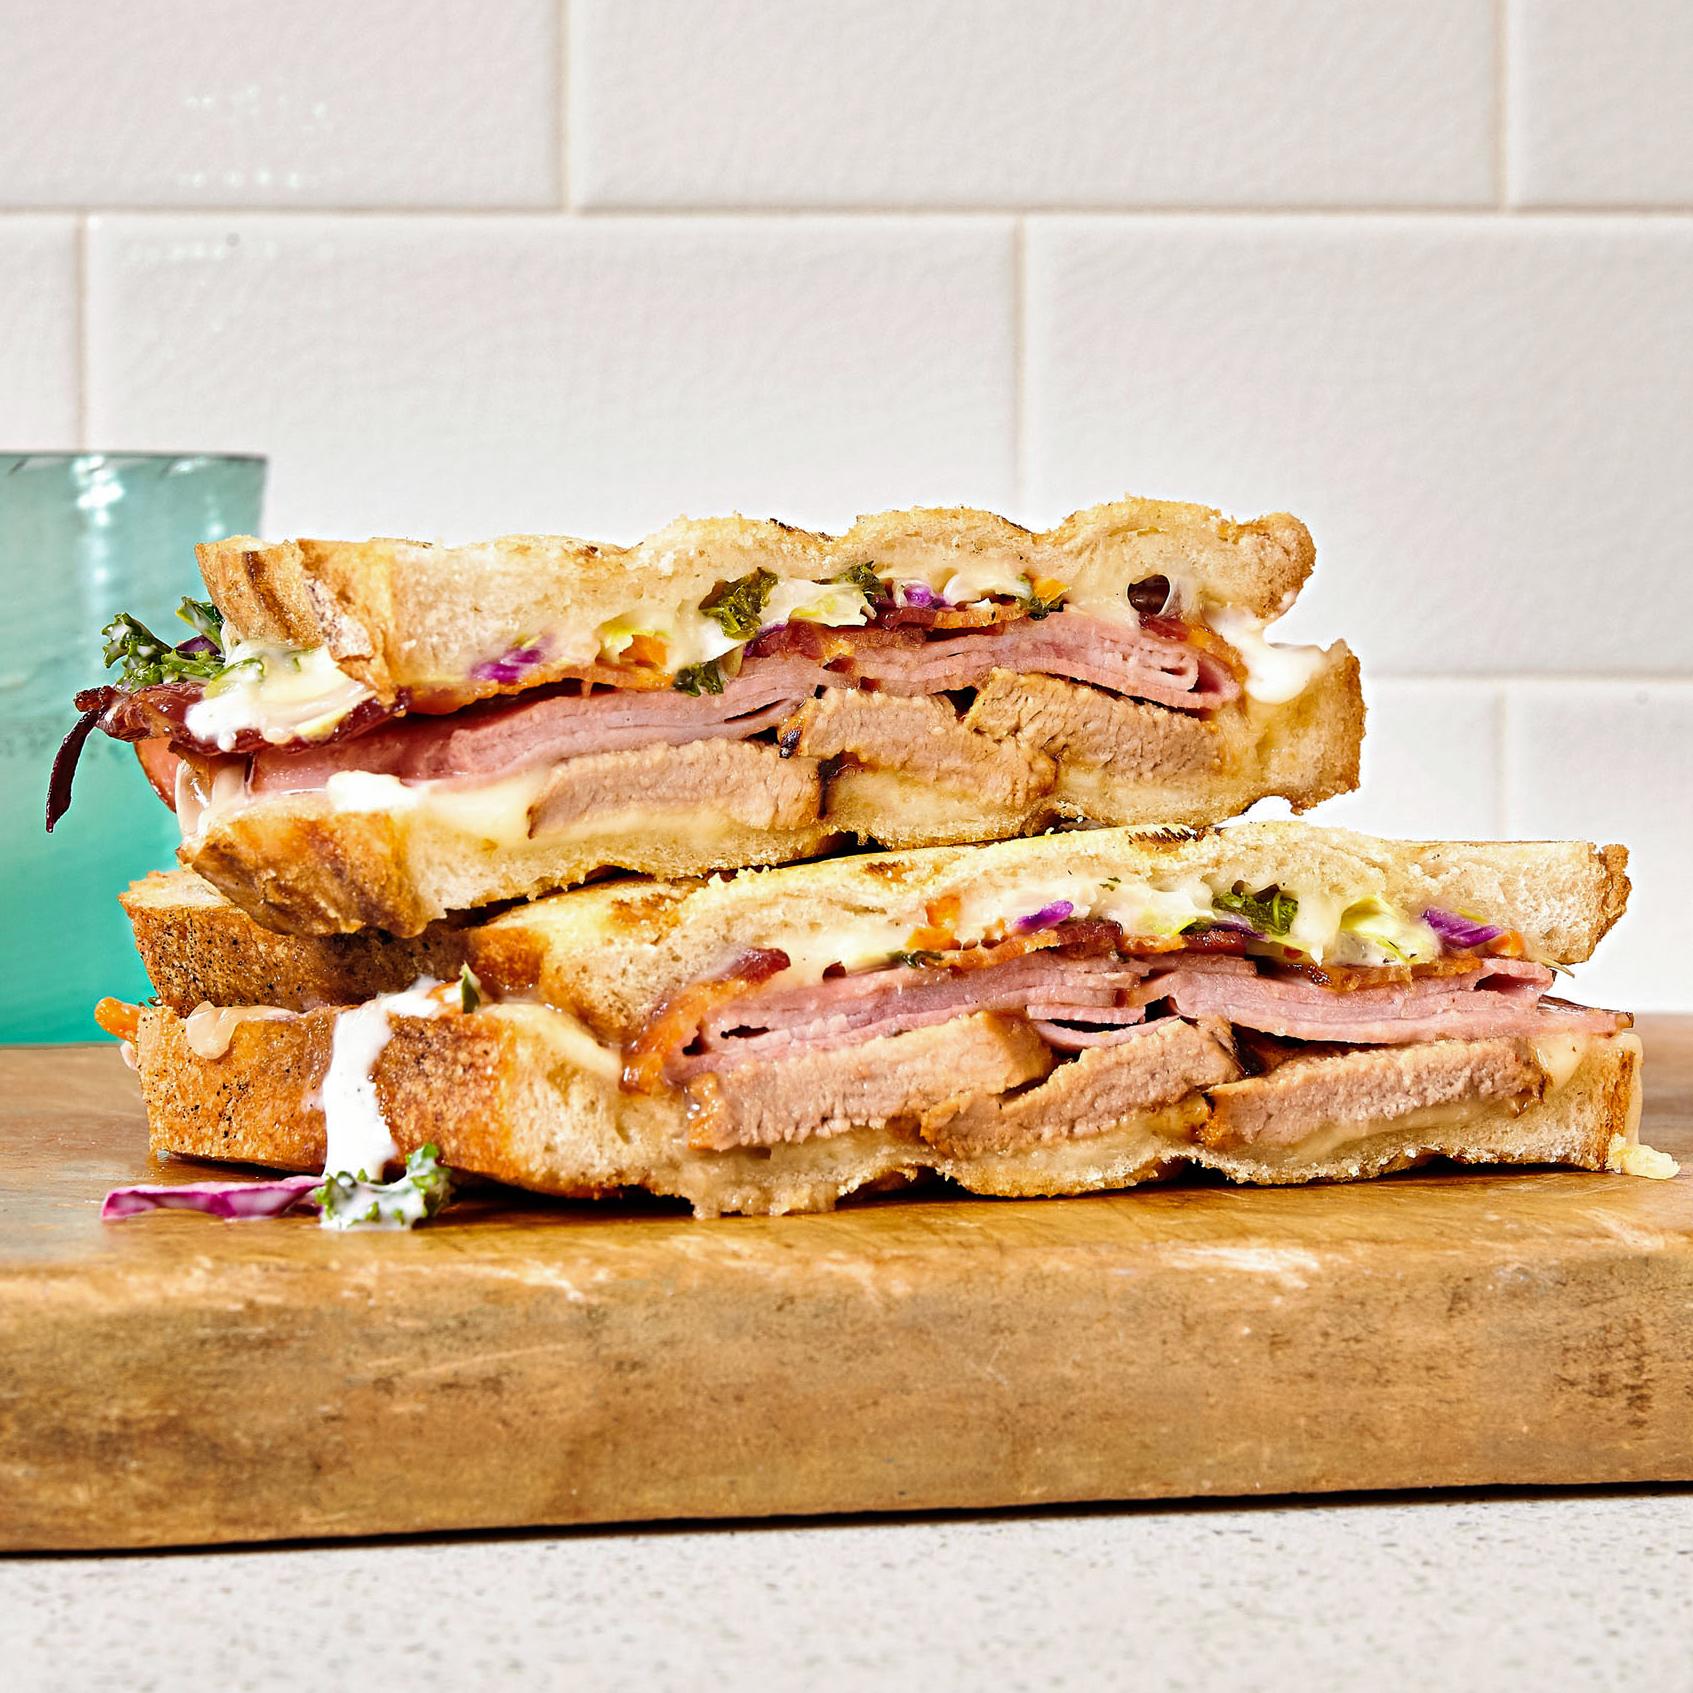 Jeff Mauro's Triple Porker Sandwich